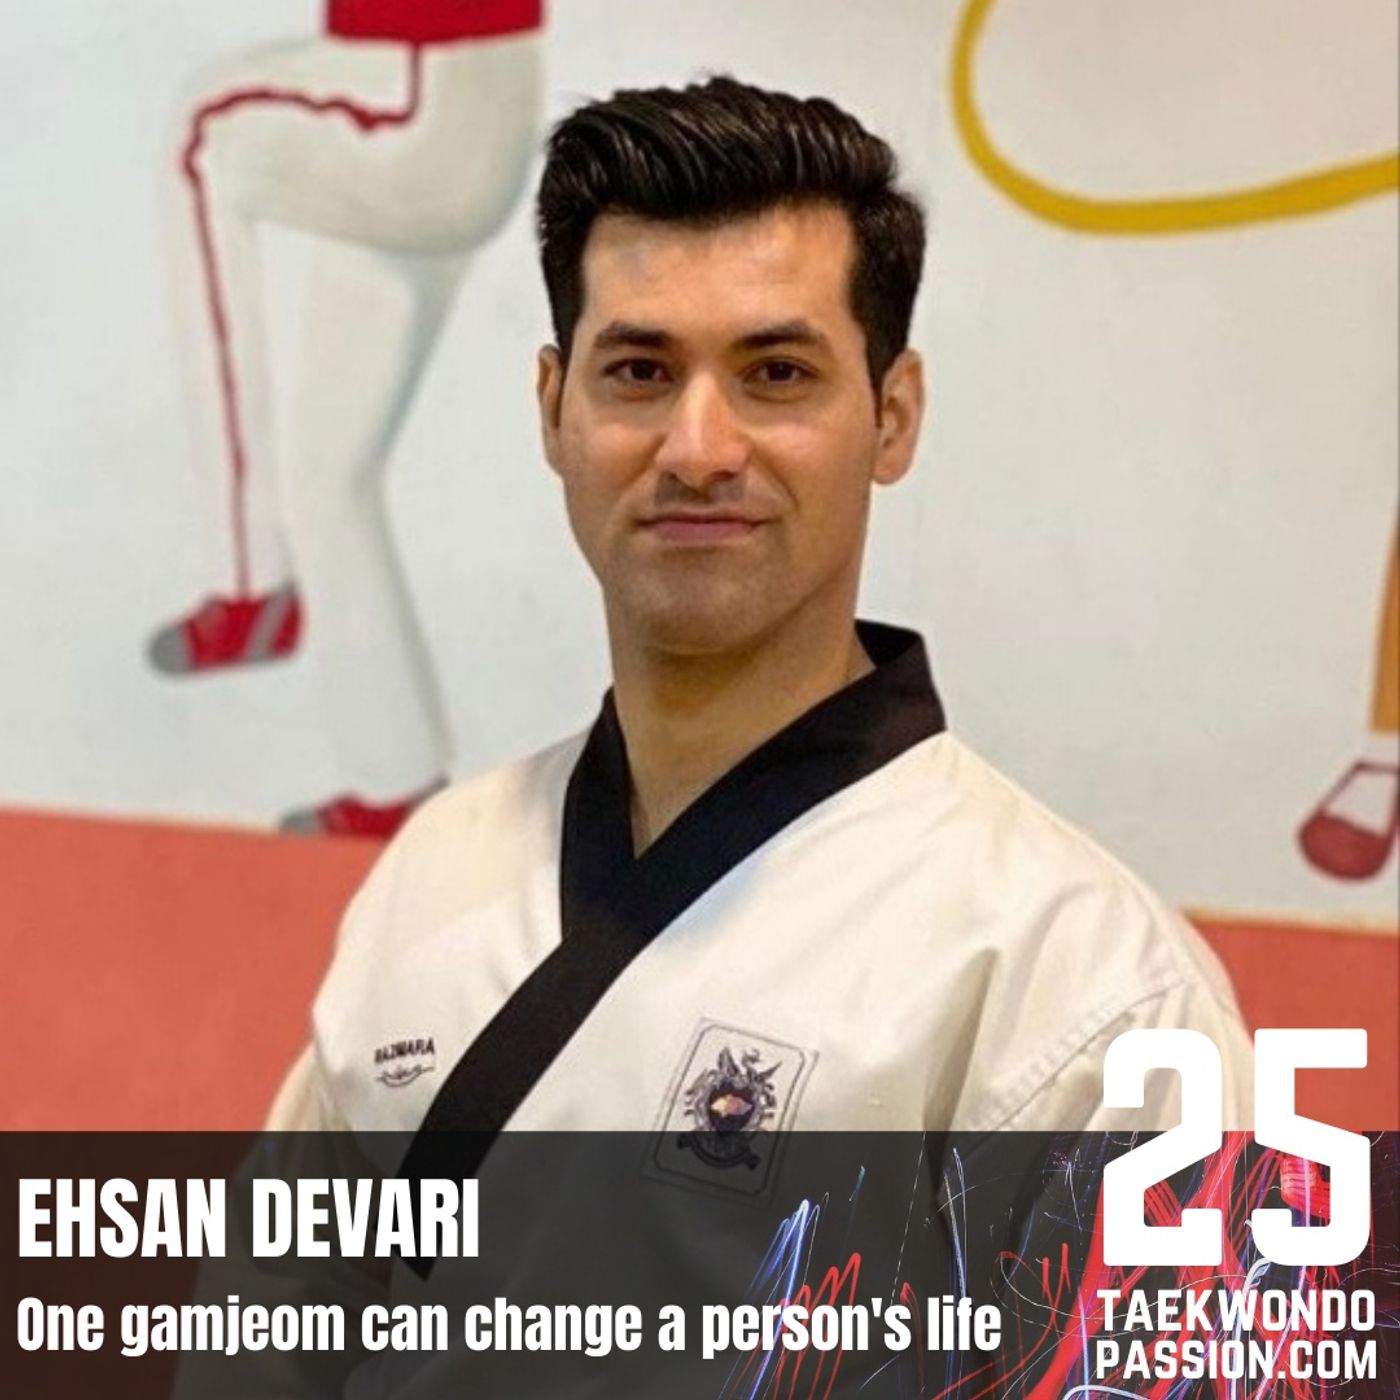 Ehsan Davari: A gamjeom can change a person's life